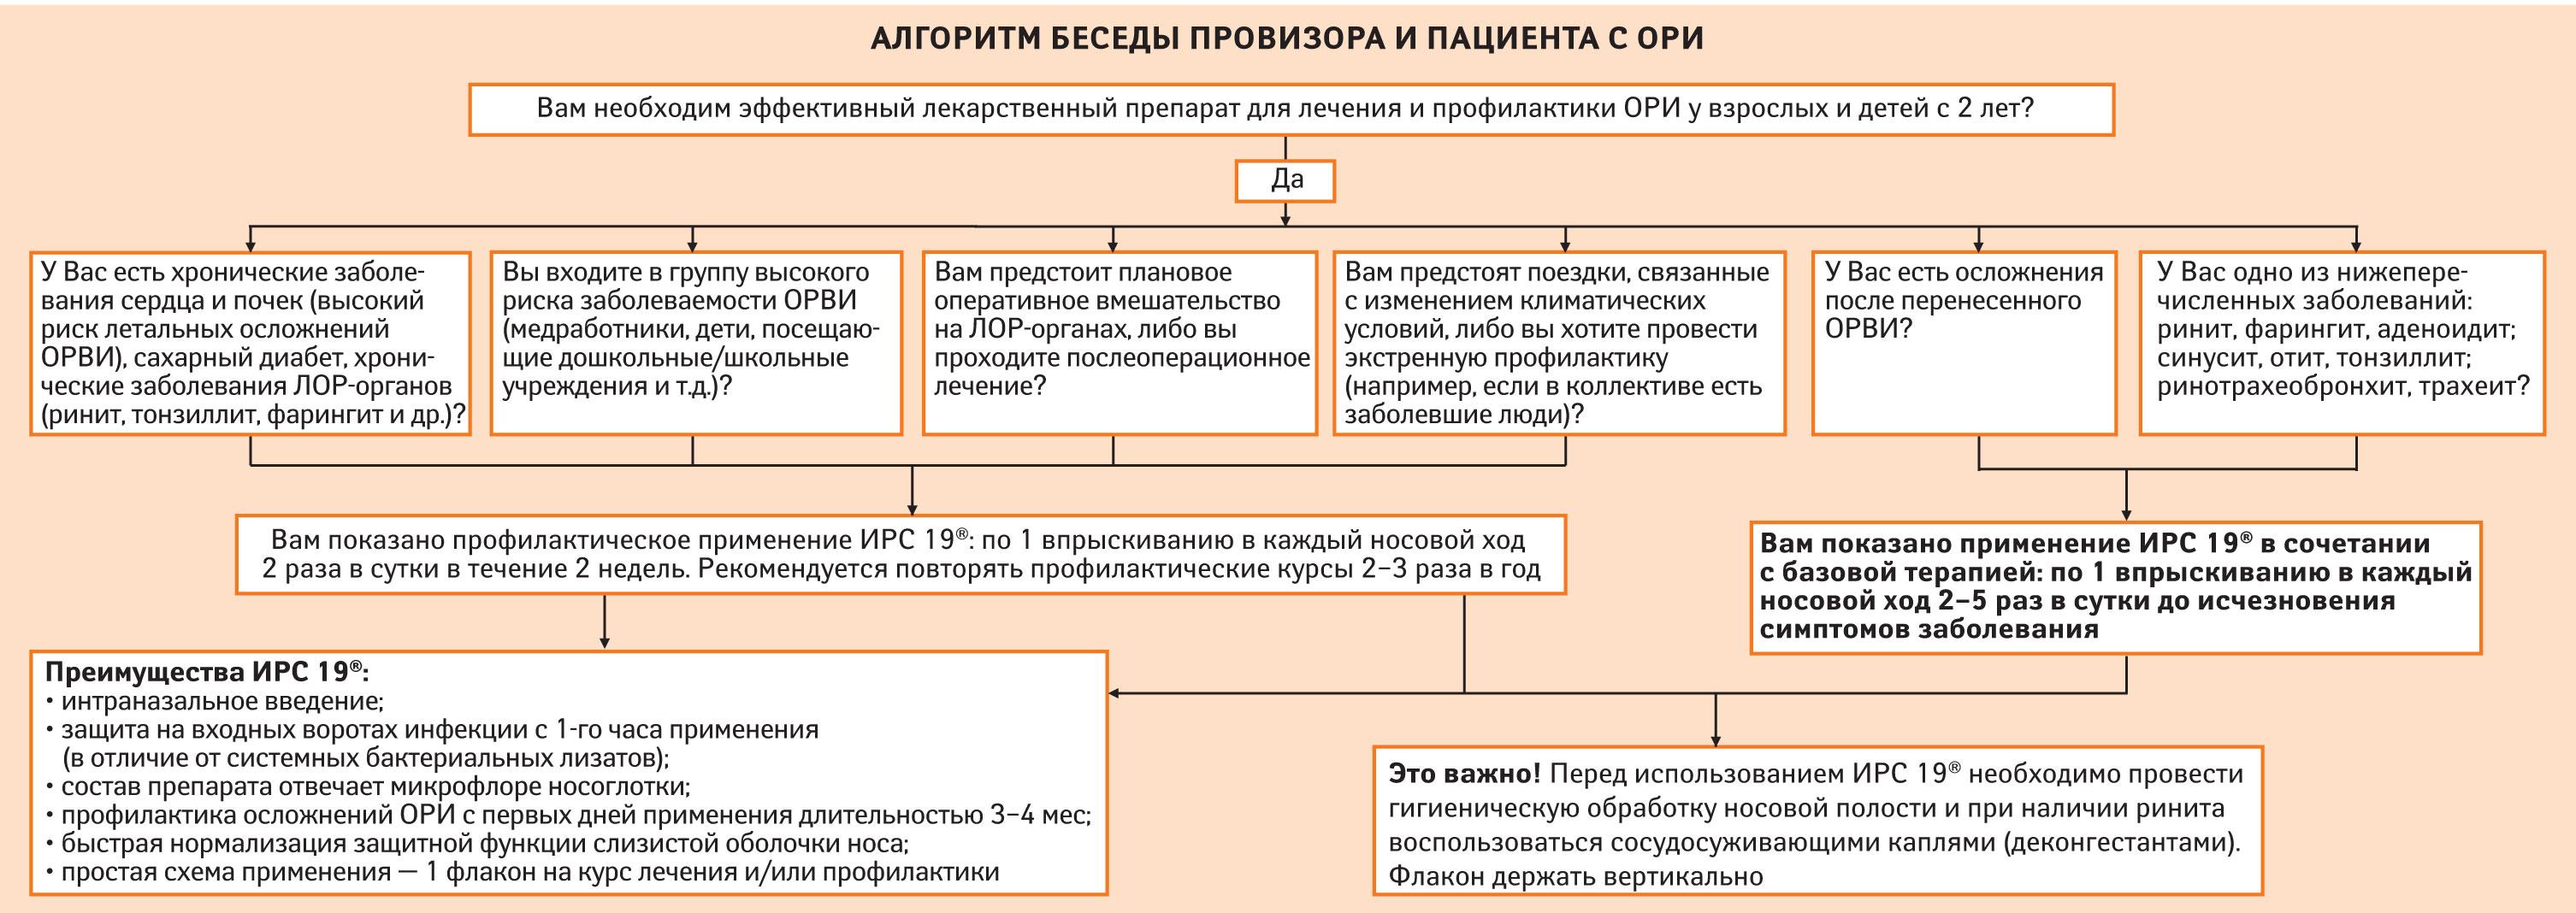 Алгоритм беседы провизора ипациента сОРВИ